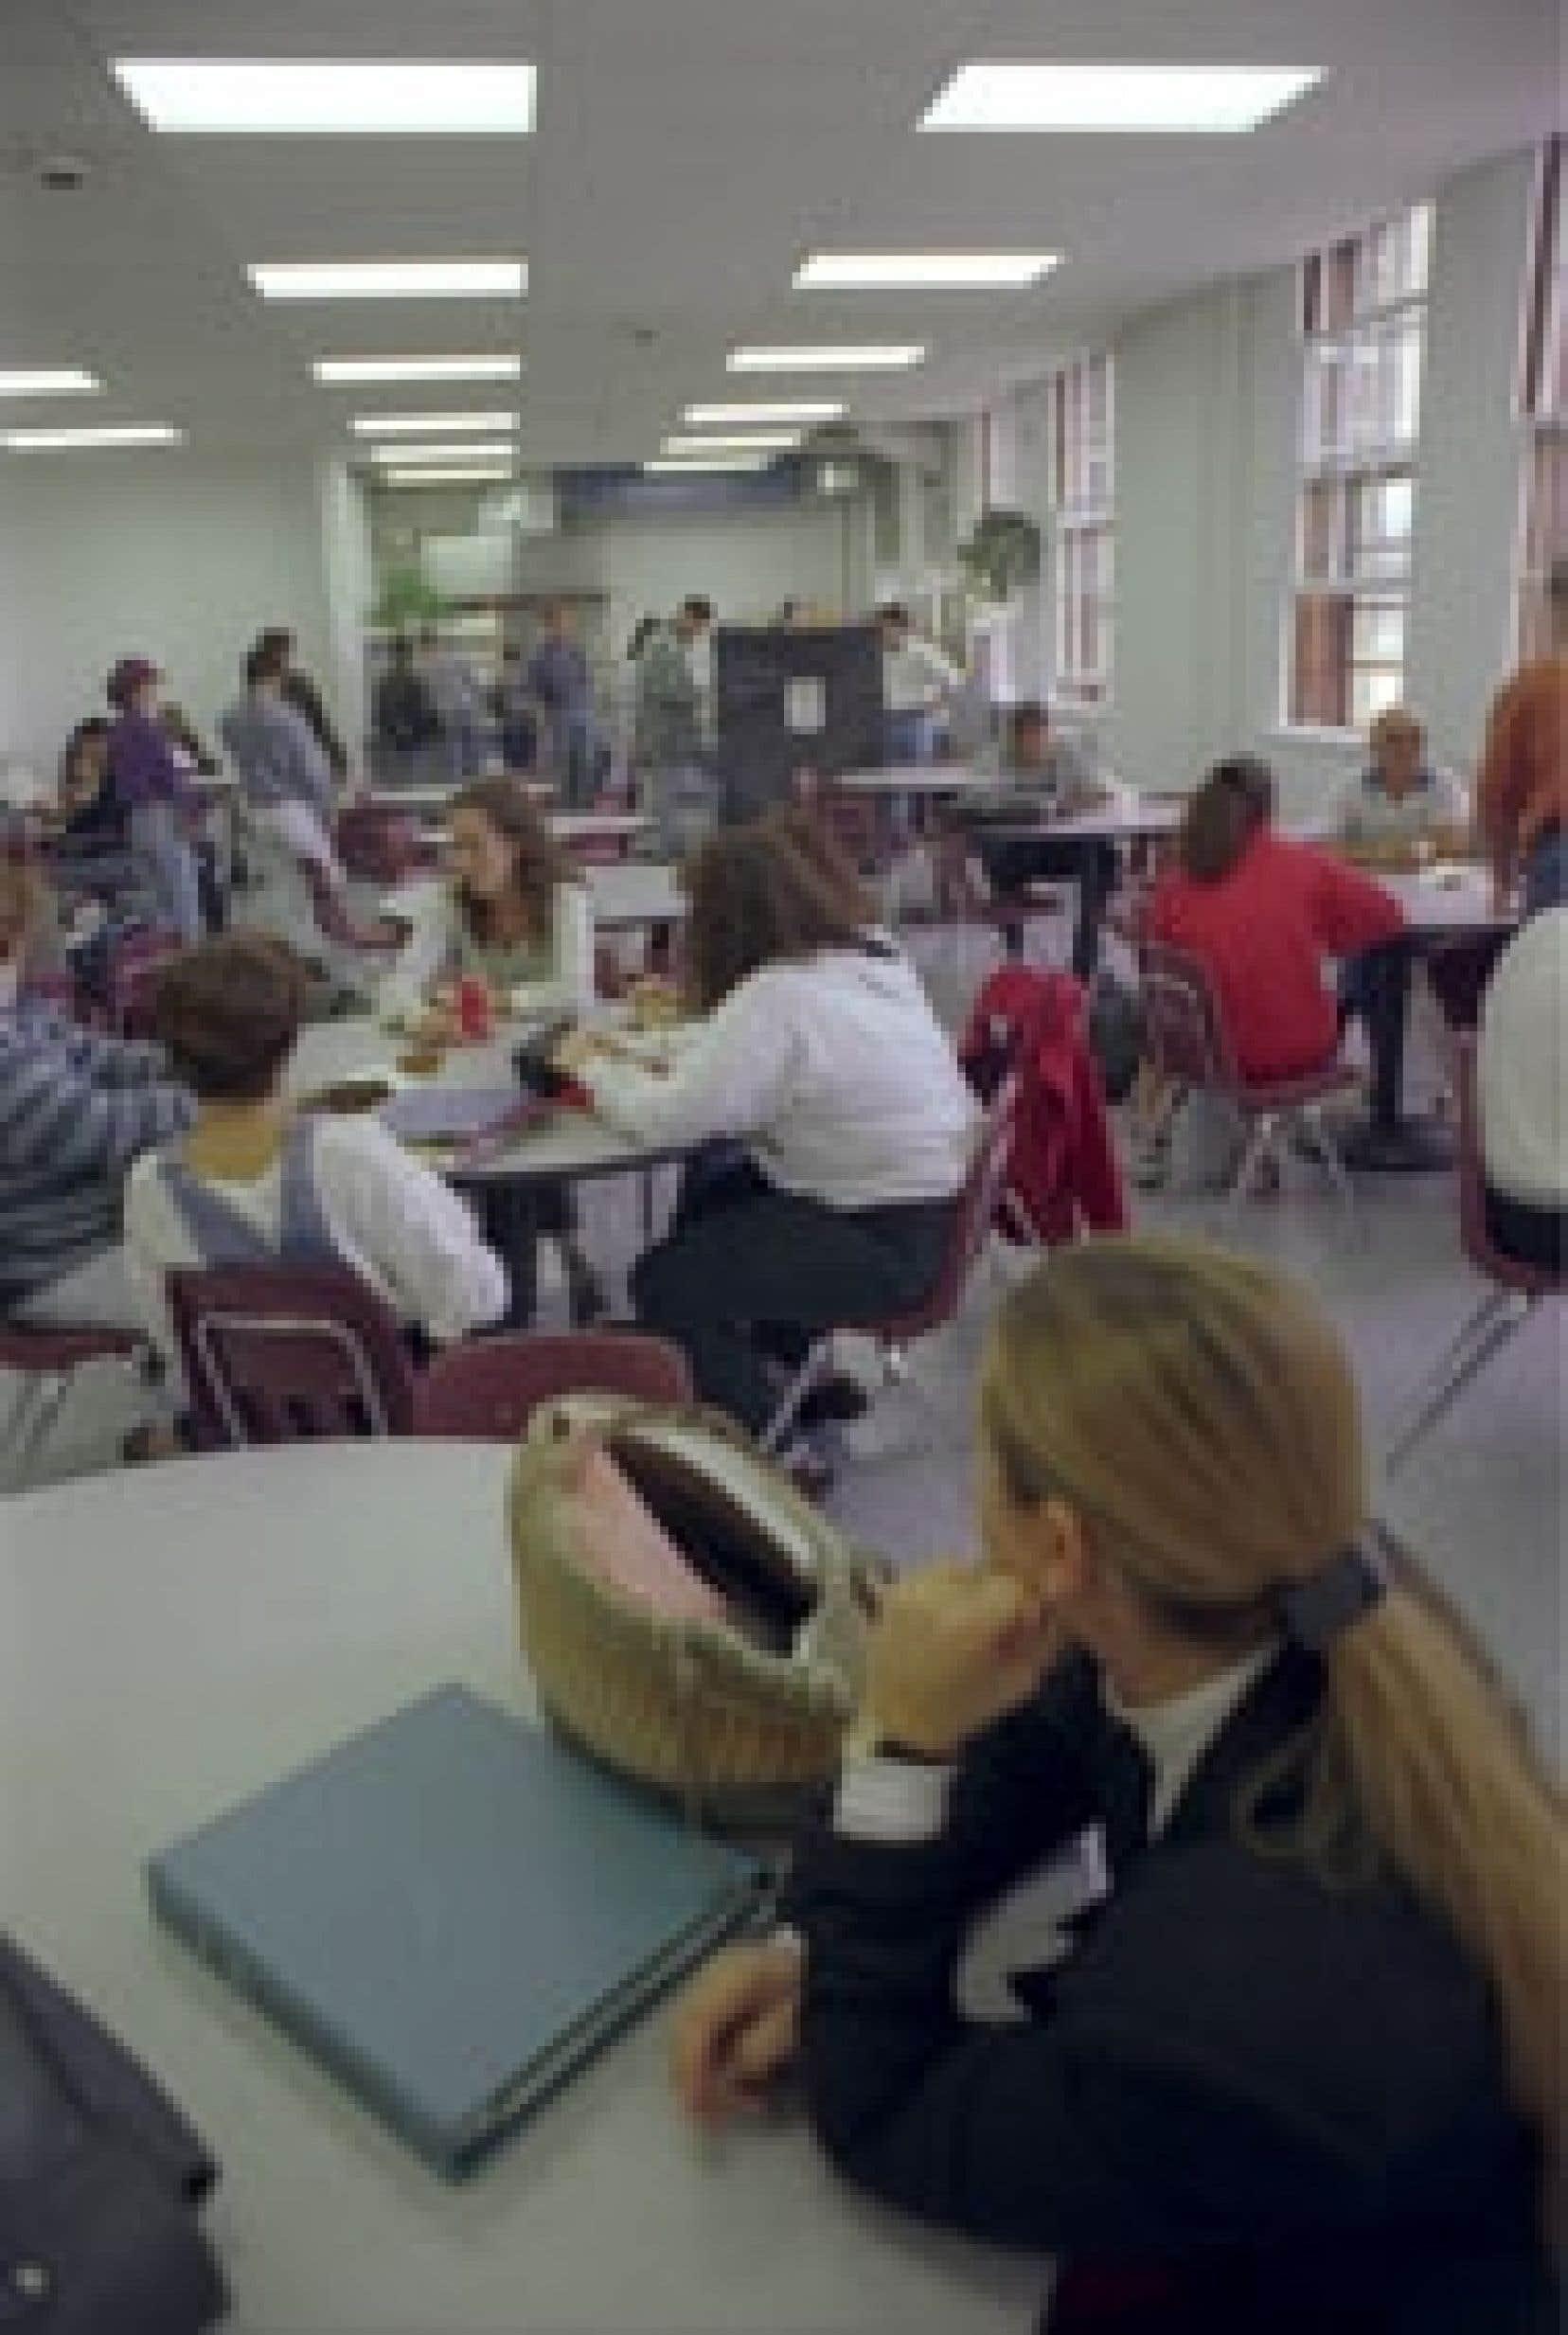 Les élèves ont le choix de s'inscrire ou non dans un cheminement international au secondaire.